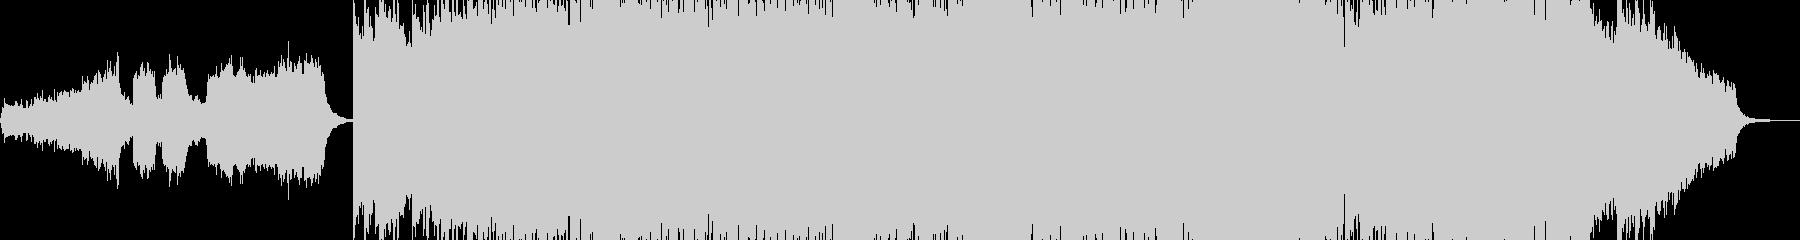 オルガン・幕開け盛大な作品に 短尺+の未再生の波形